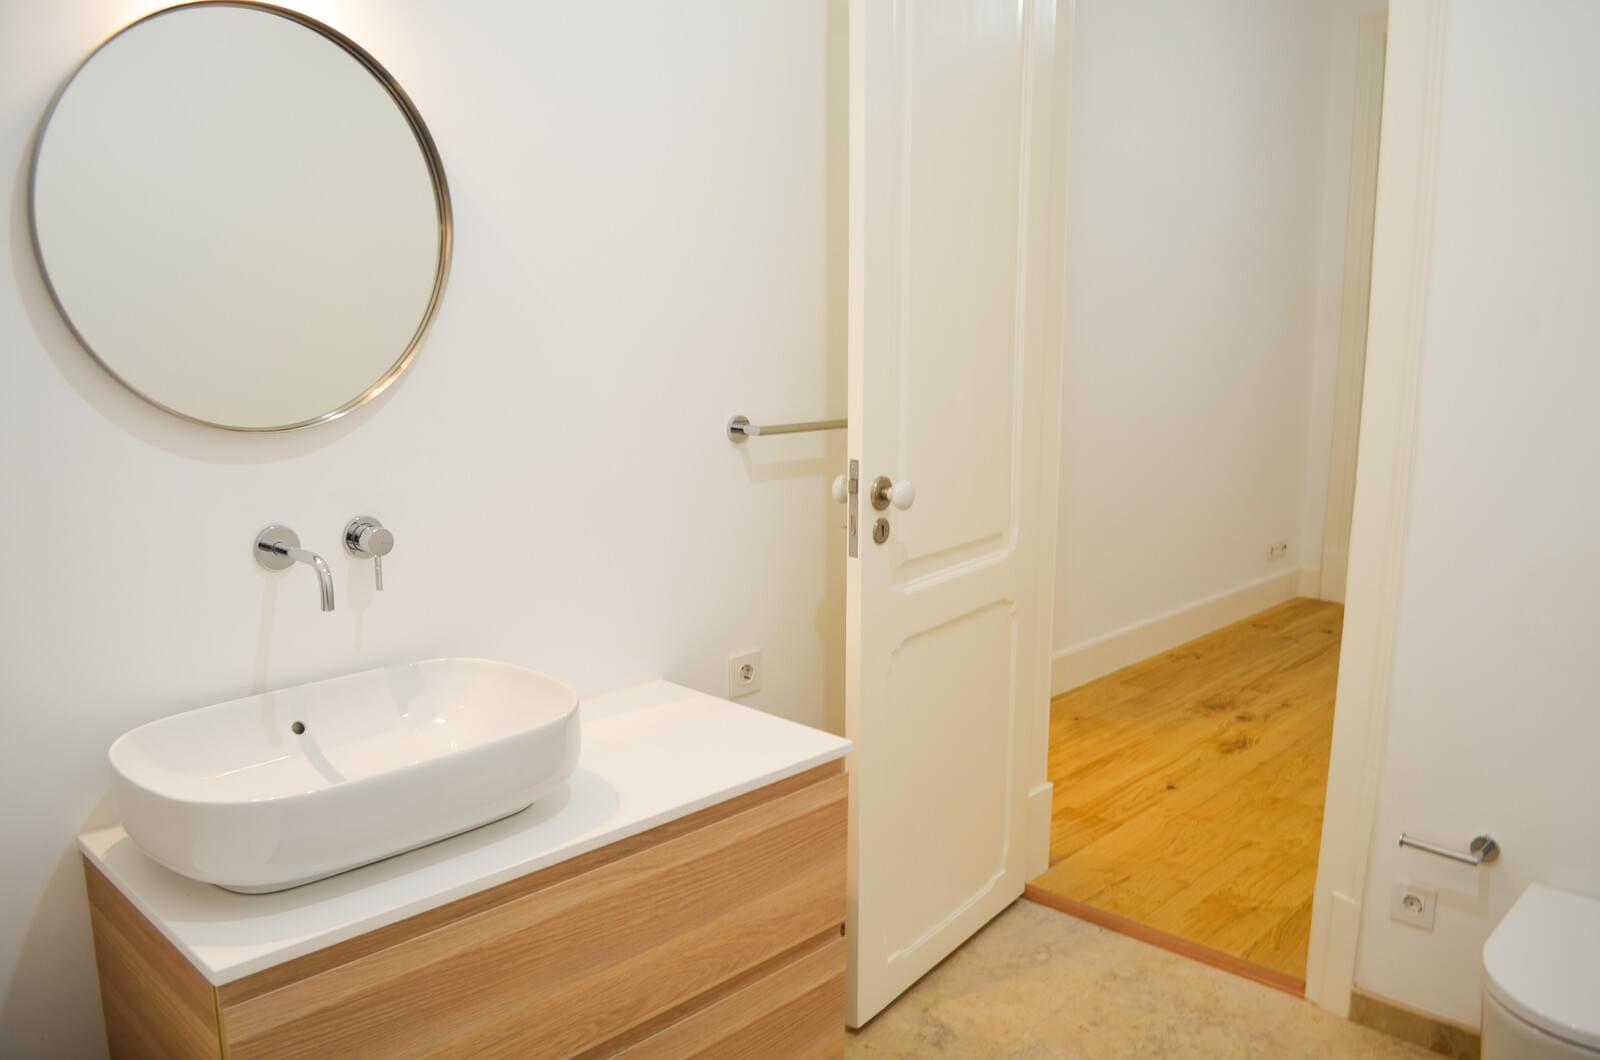 pf18801-apartamento-t2-lisboa-bcb5bb7d-3aae-48f3-84dc-645ad223a1cd